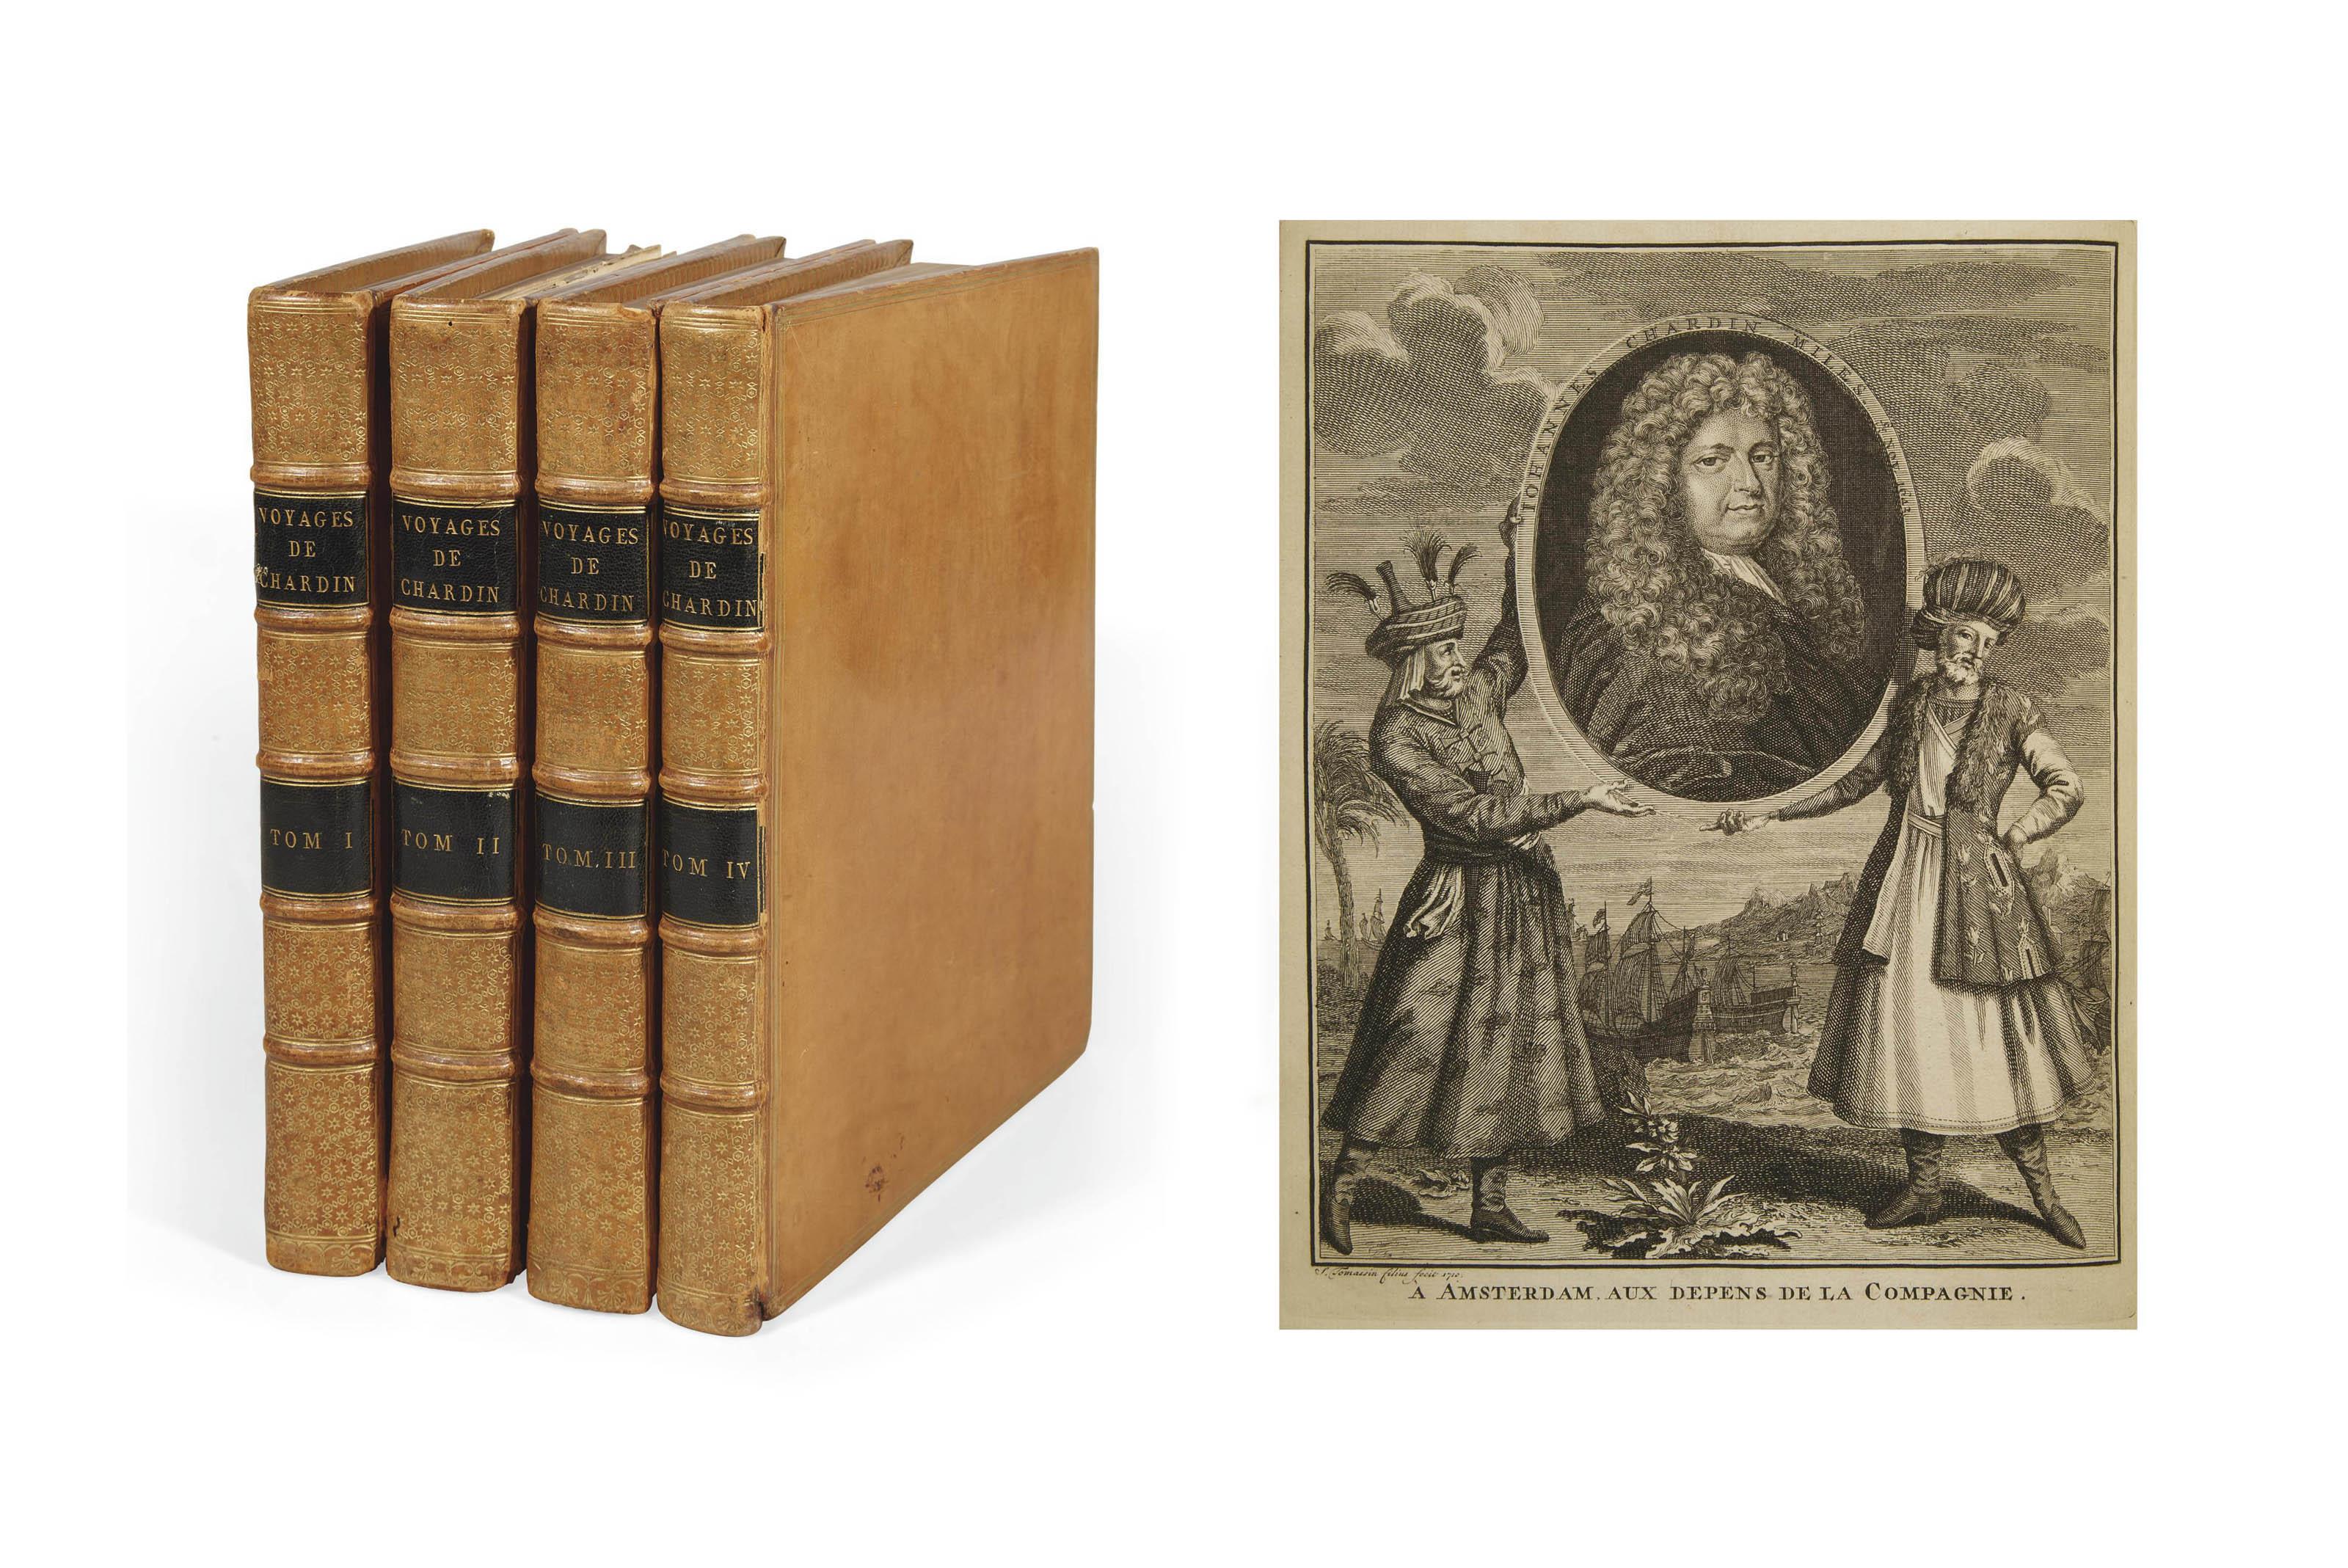 CHARDIN, Jean (1643-1713). Voyages en Perse, et autres lieux de l'Orient. Nouvelle édition, augmentée du couronnement de Soliman II... Amsterdam: La compagnie, 1735.